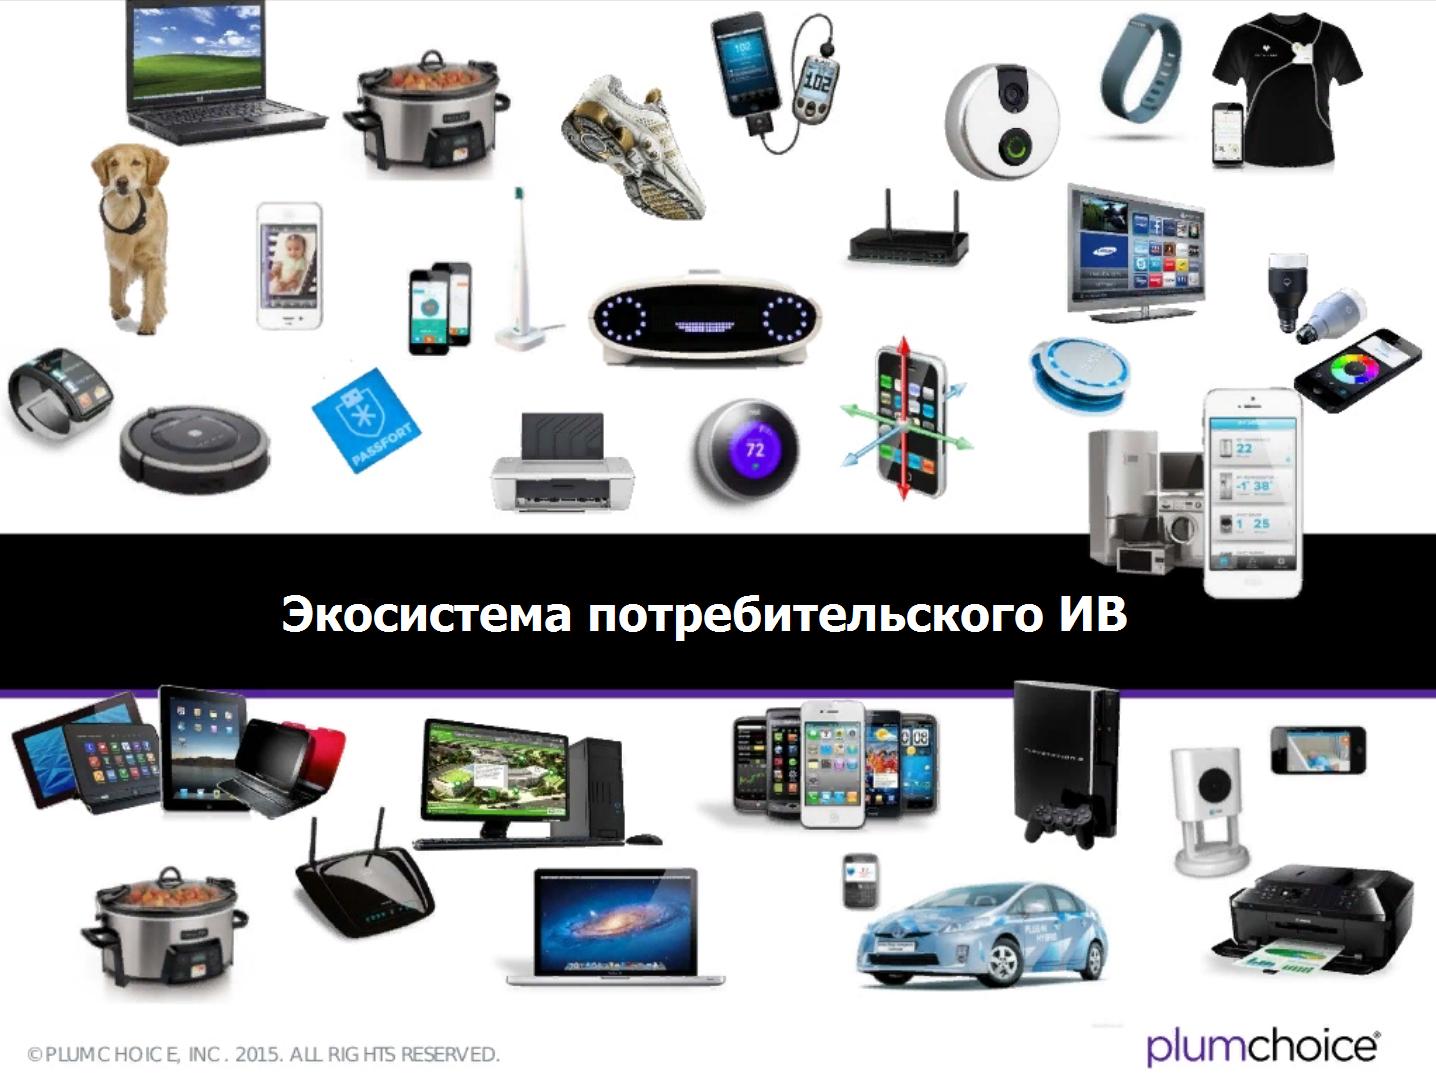 Экосистема потребительского интернета вещей